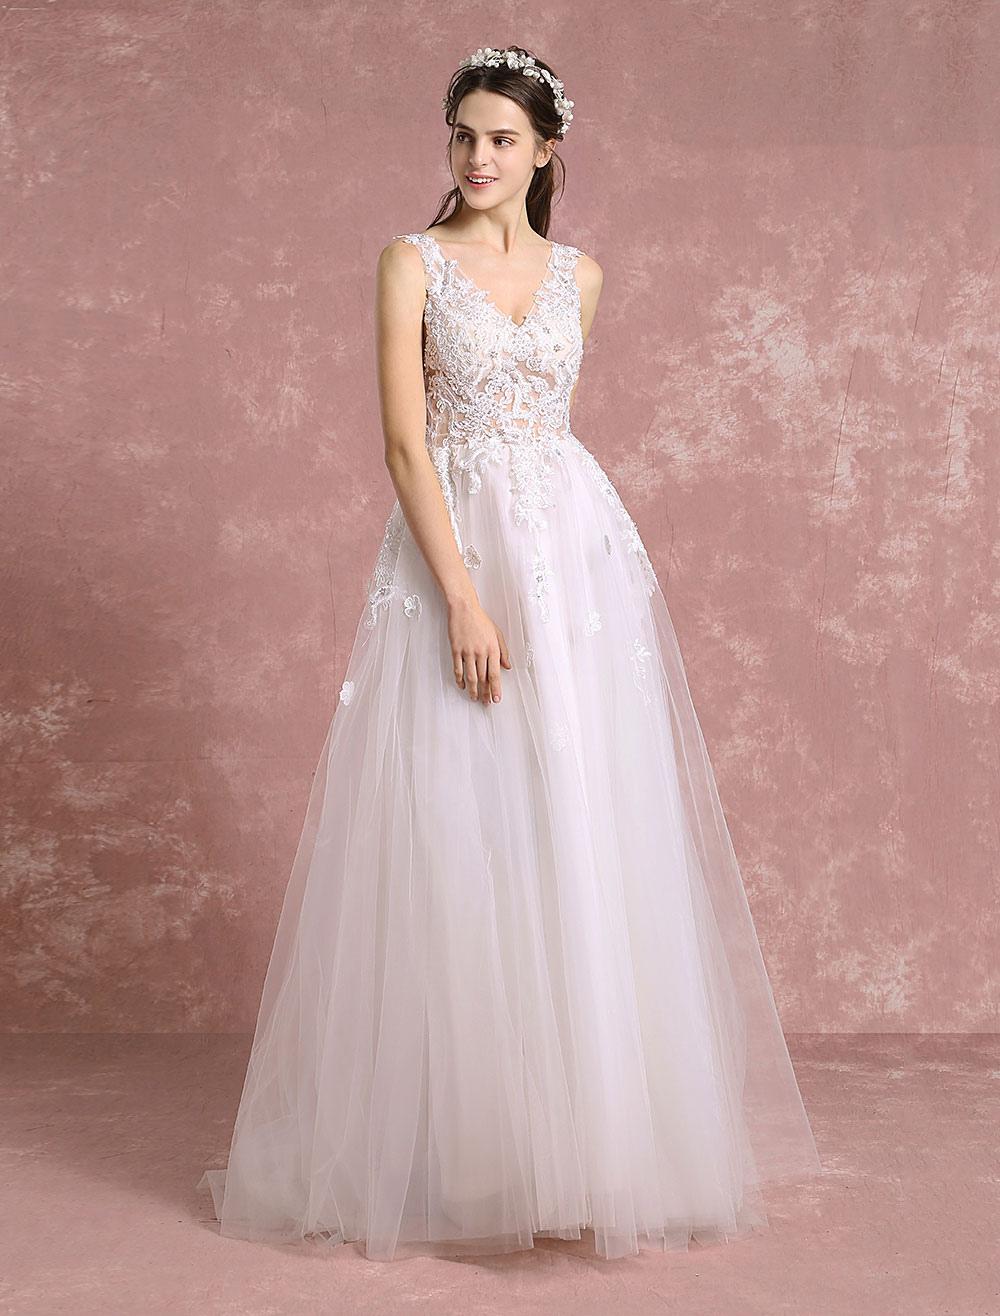 Summer Wedding Dresses 2018 Tulle Boho Bridal Gown V Neck Beading ...